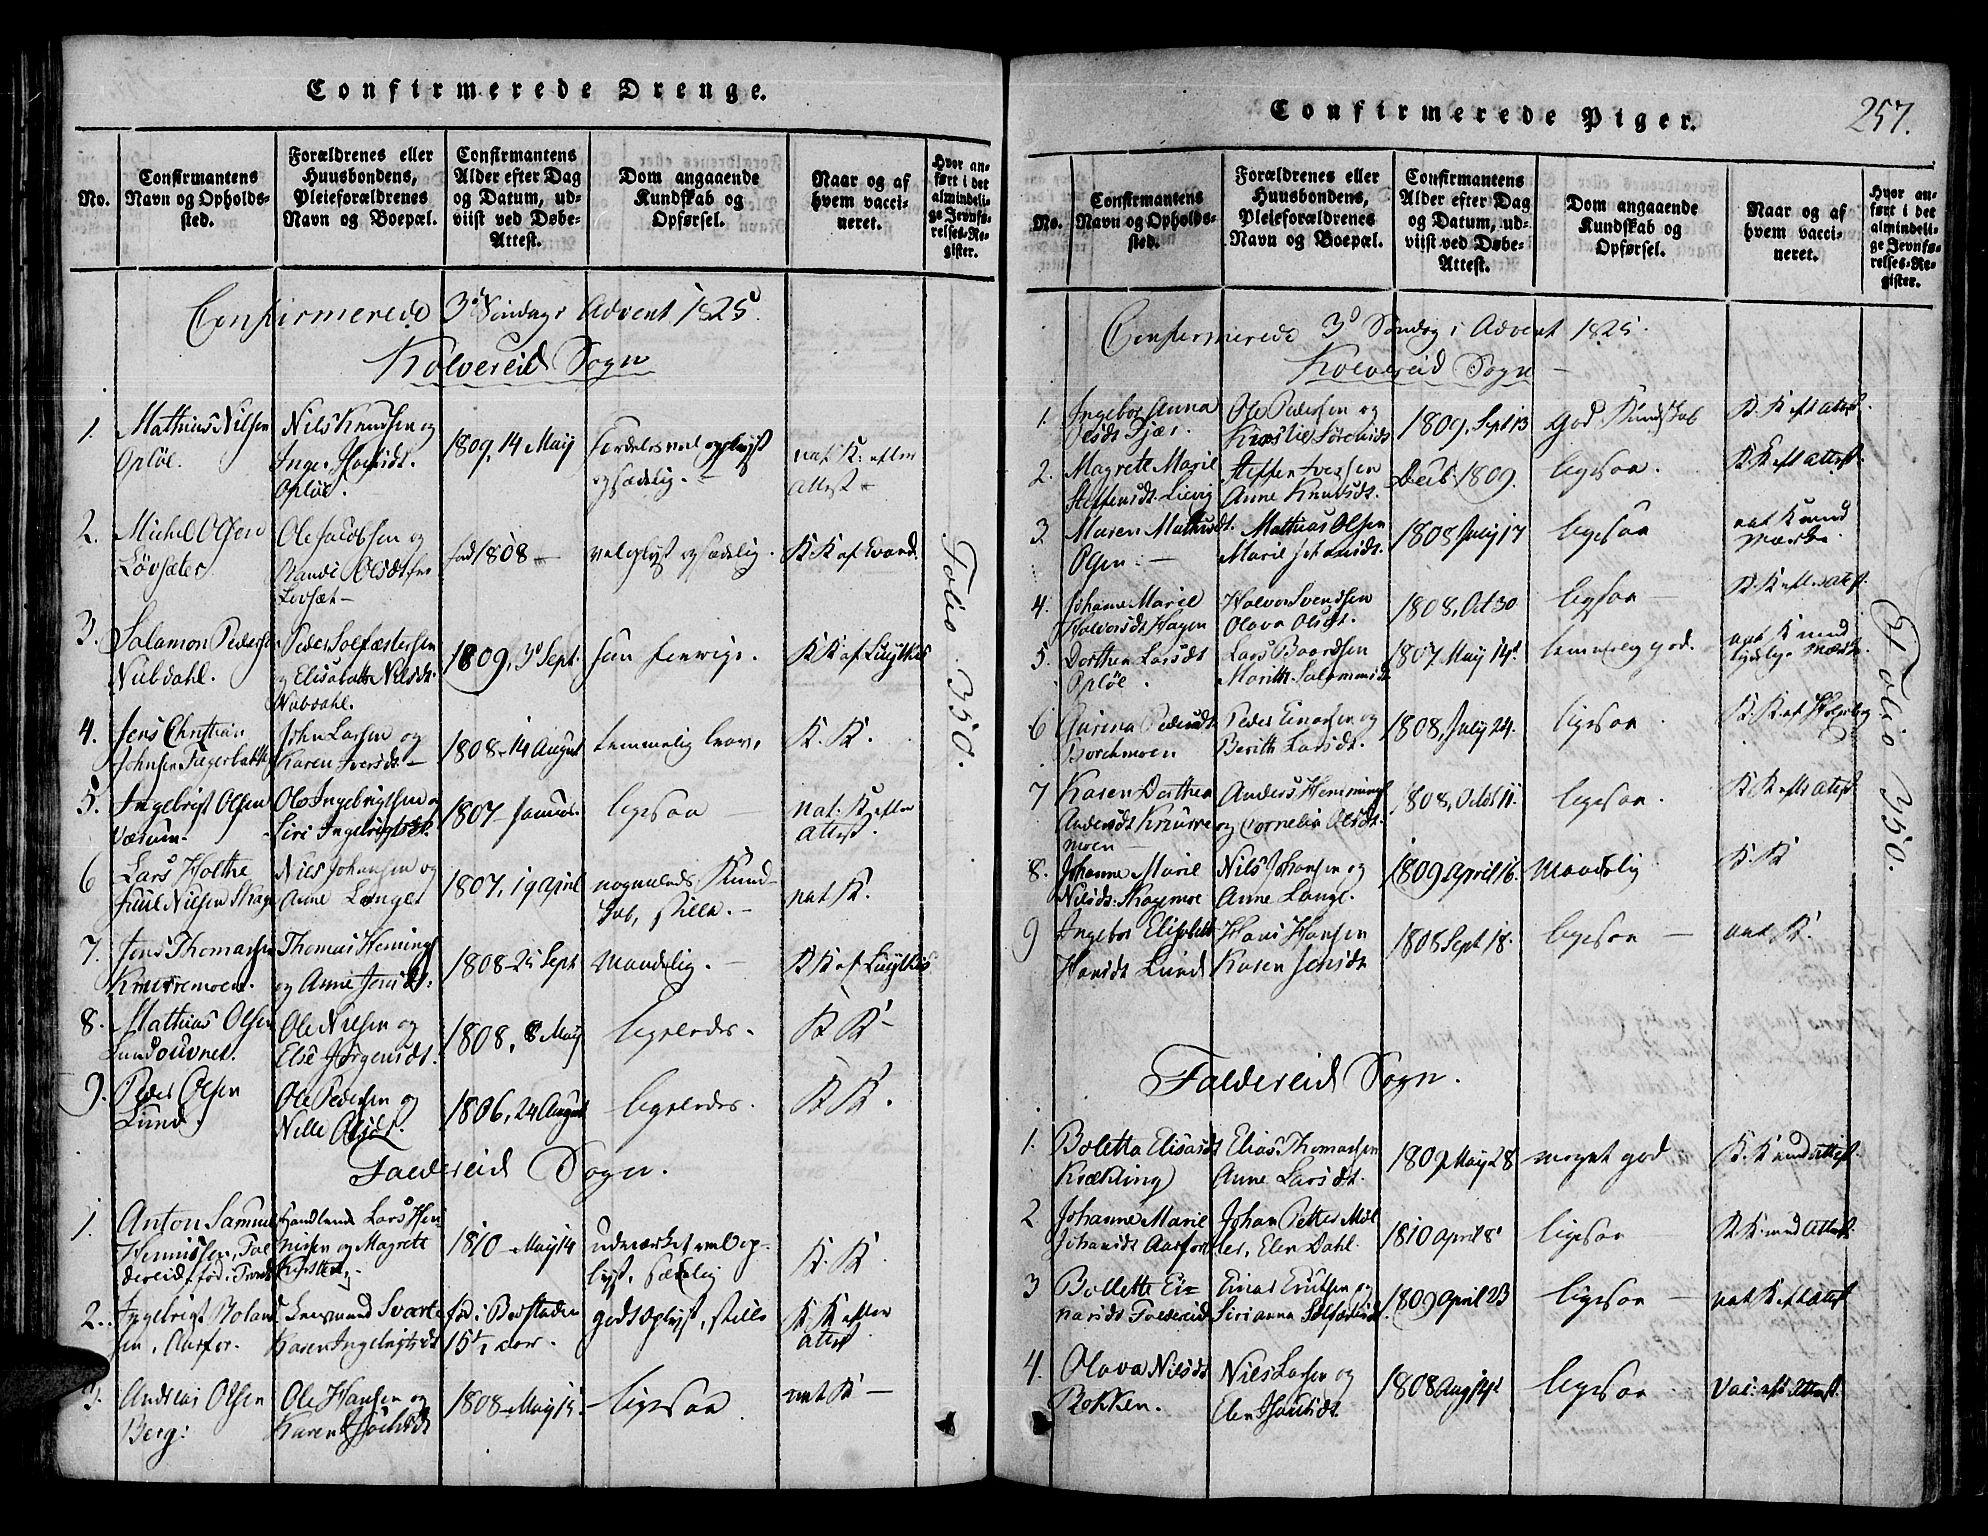 SAT, Ministerialprotokoller, klokkerbøker og fødselsregistre - Nord-Trøndelag, 780/L0636: Ministerialbok nr. 780A03 /1, 1815-1830, s. 257